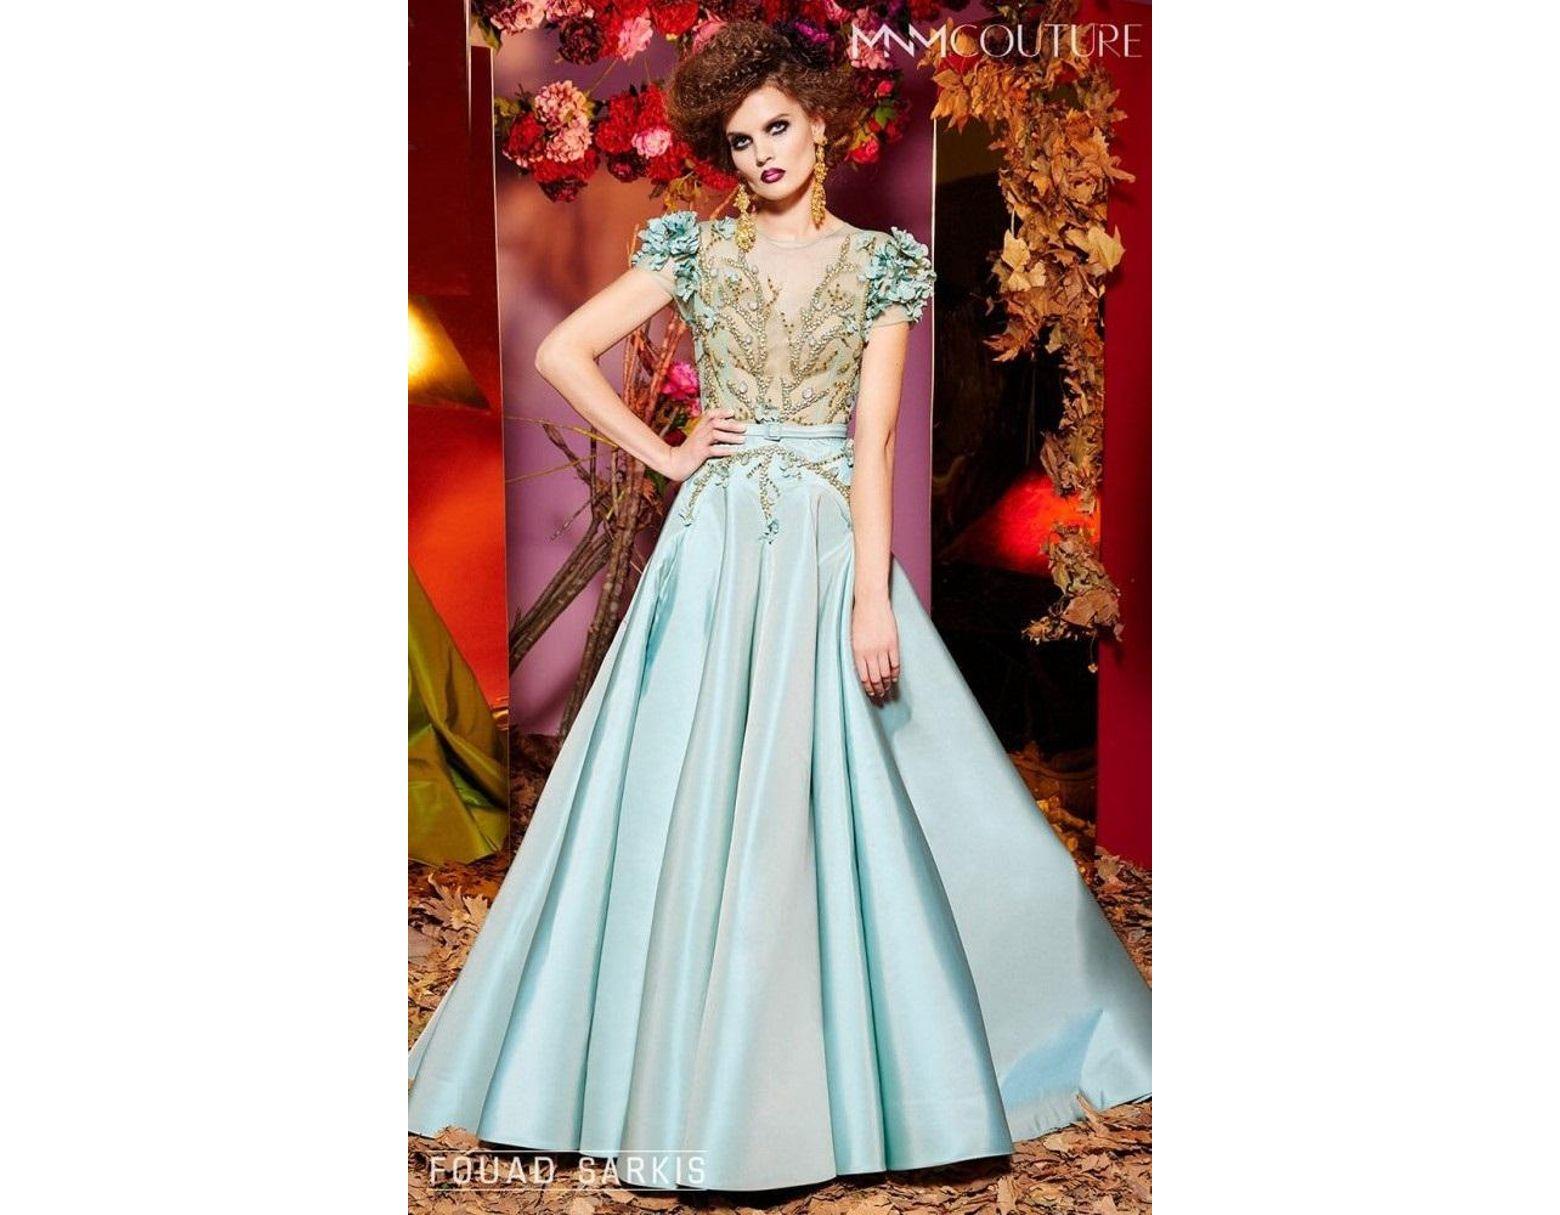 cc67e77c83a5 Mnm Couture Short Dresses